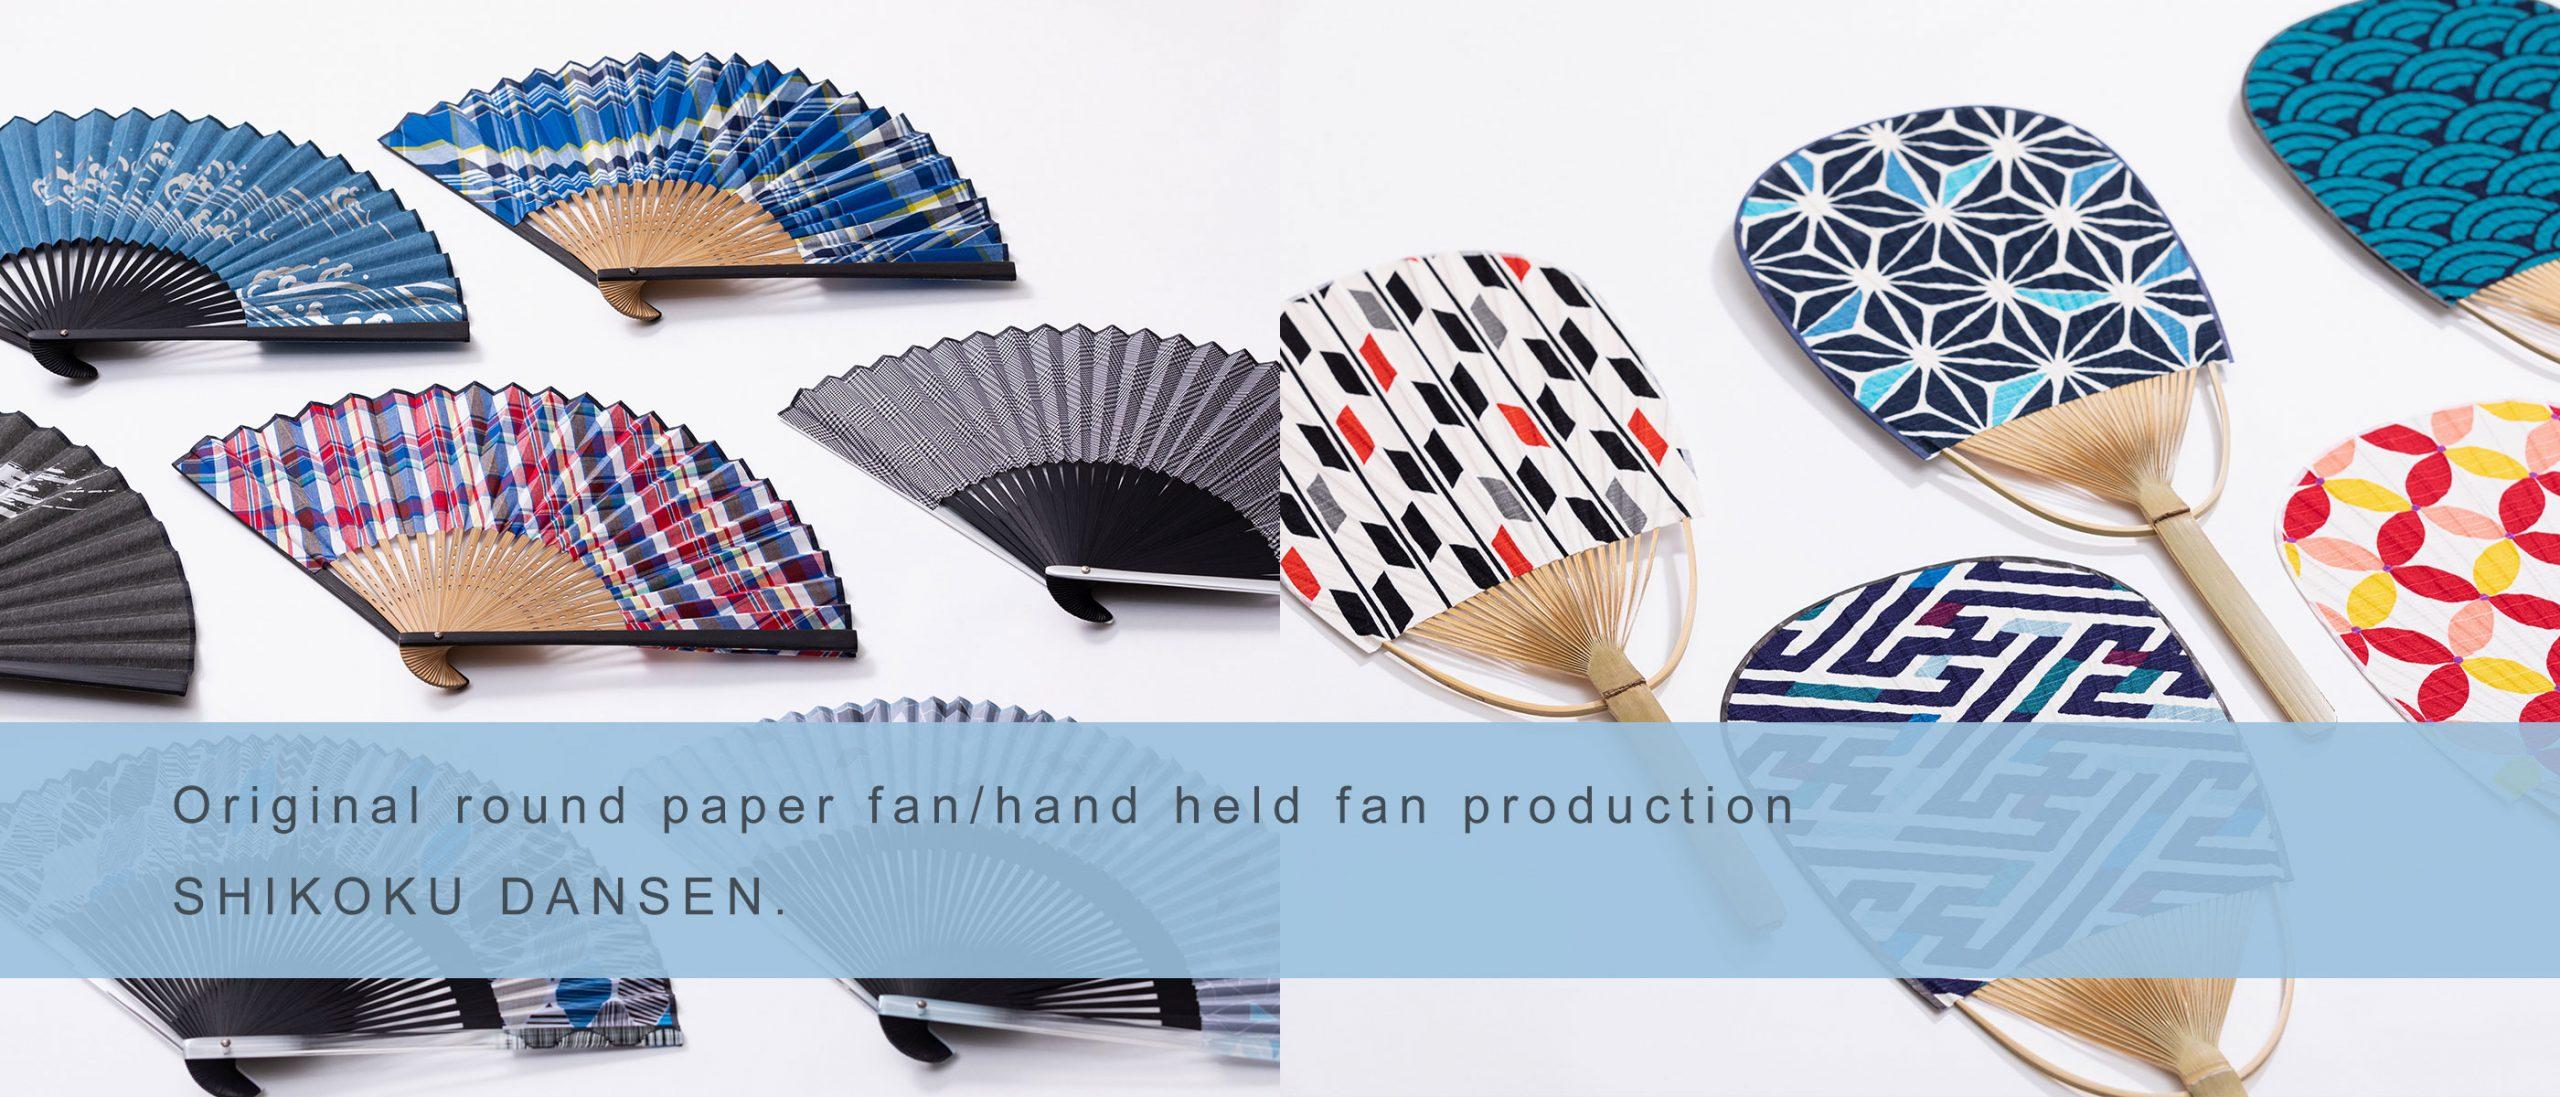 Original round paper fan / hand held fan production SHIKOKU DANSEN.